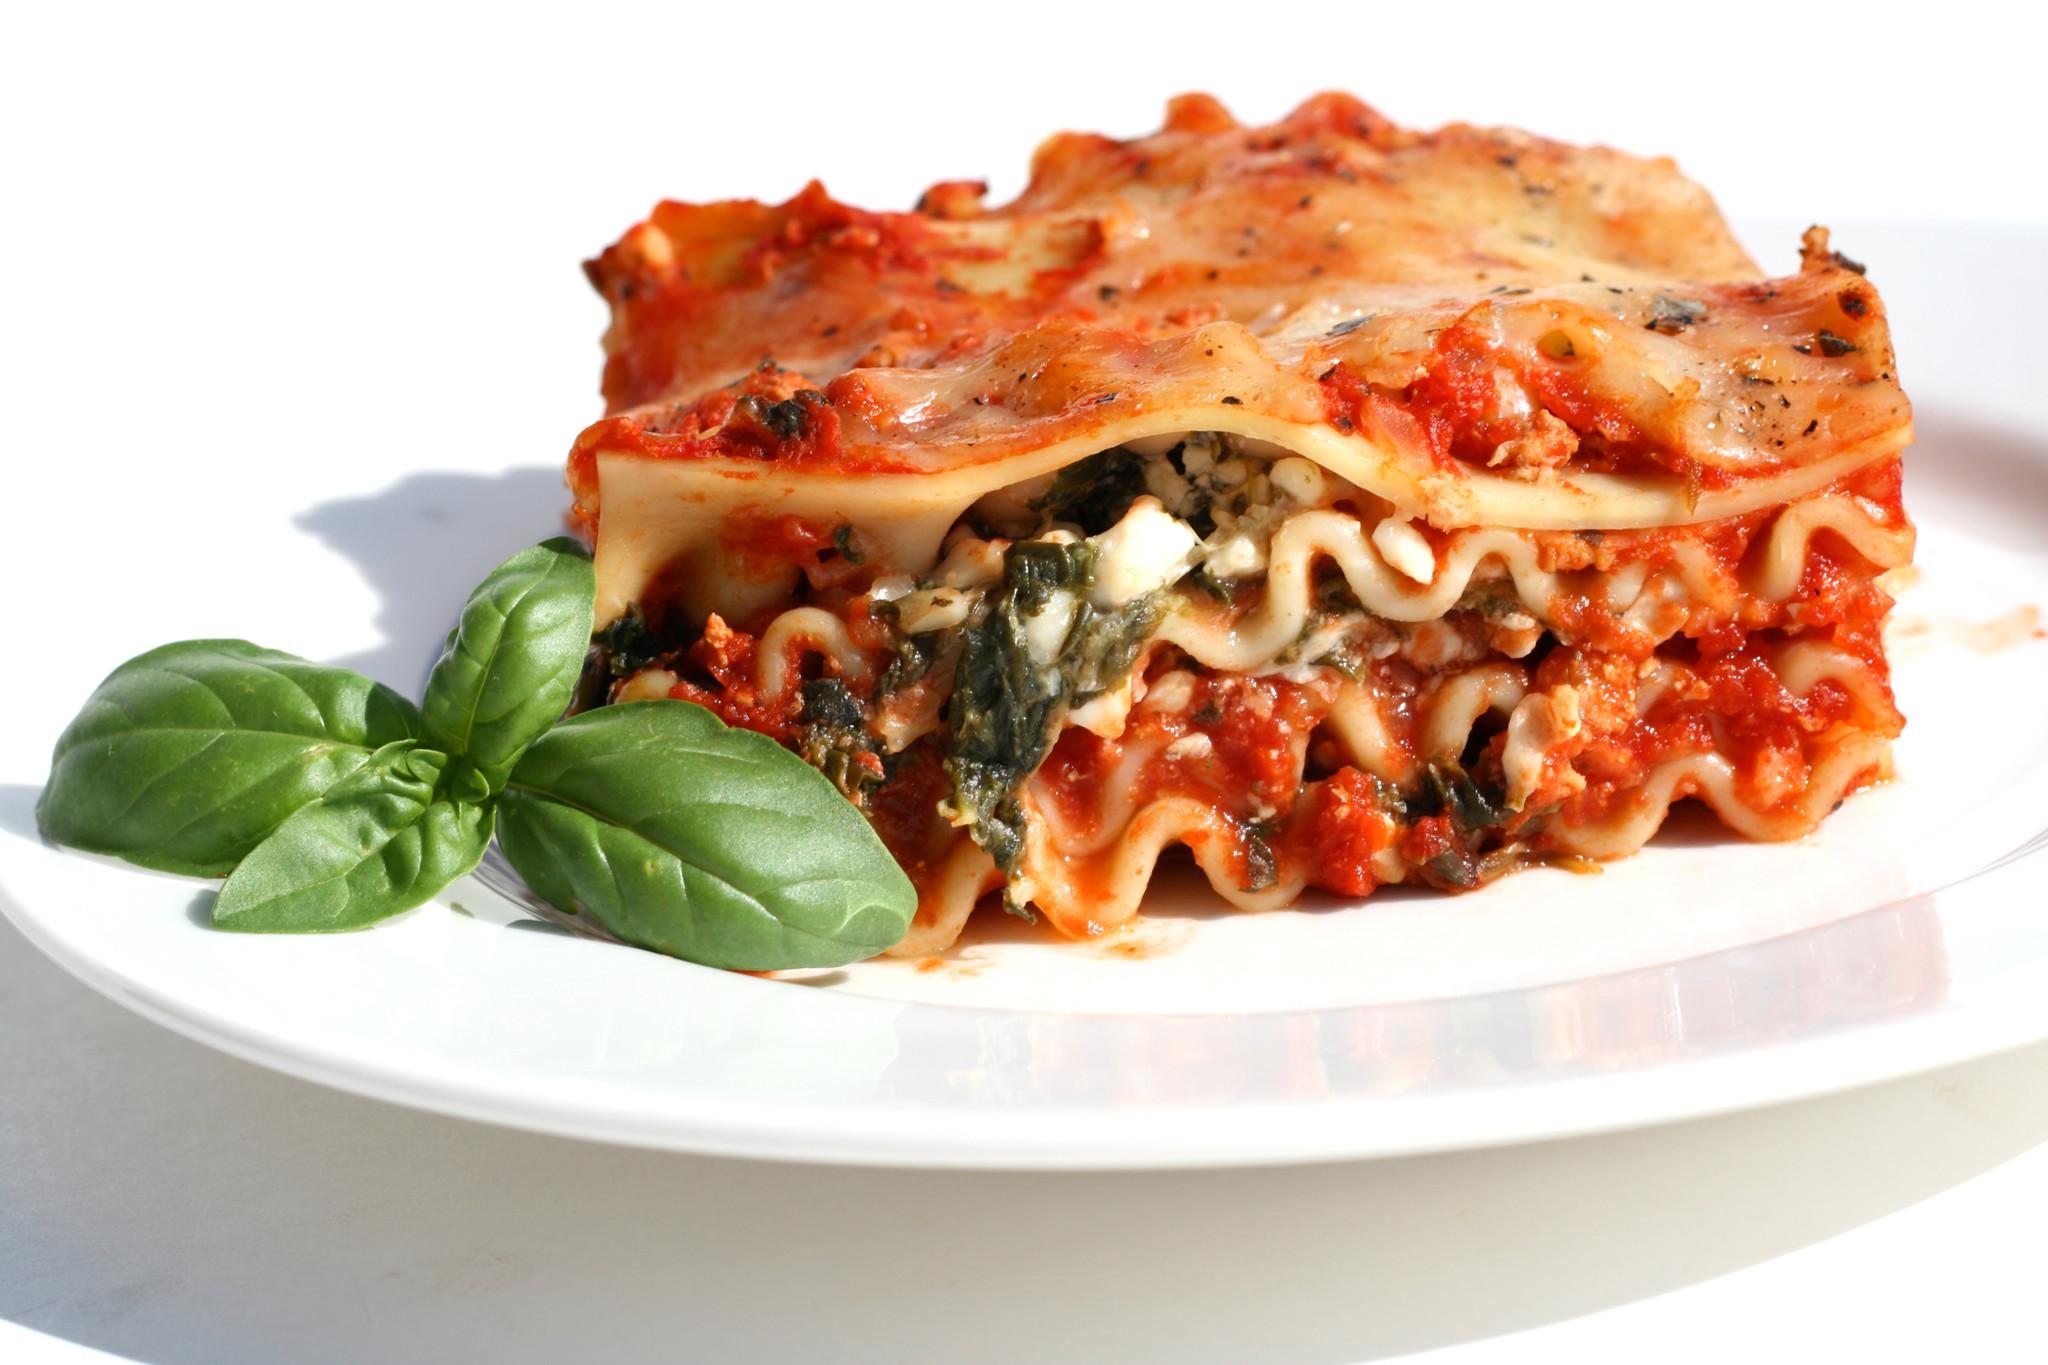 Roasted Vegetable Lasagna (Serves 4)